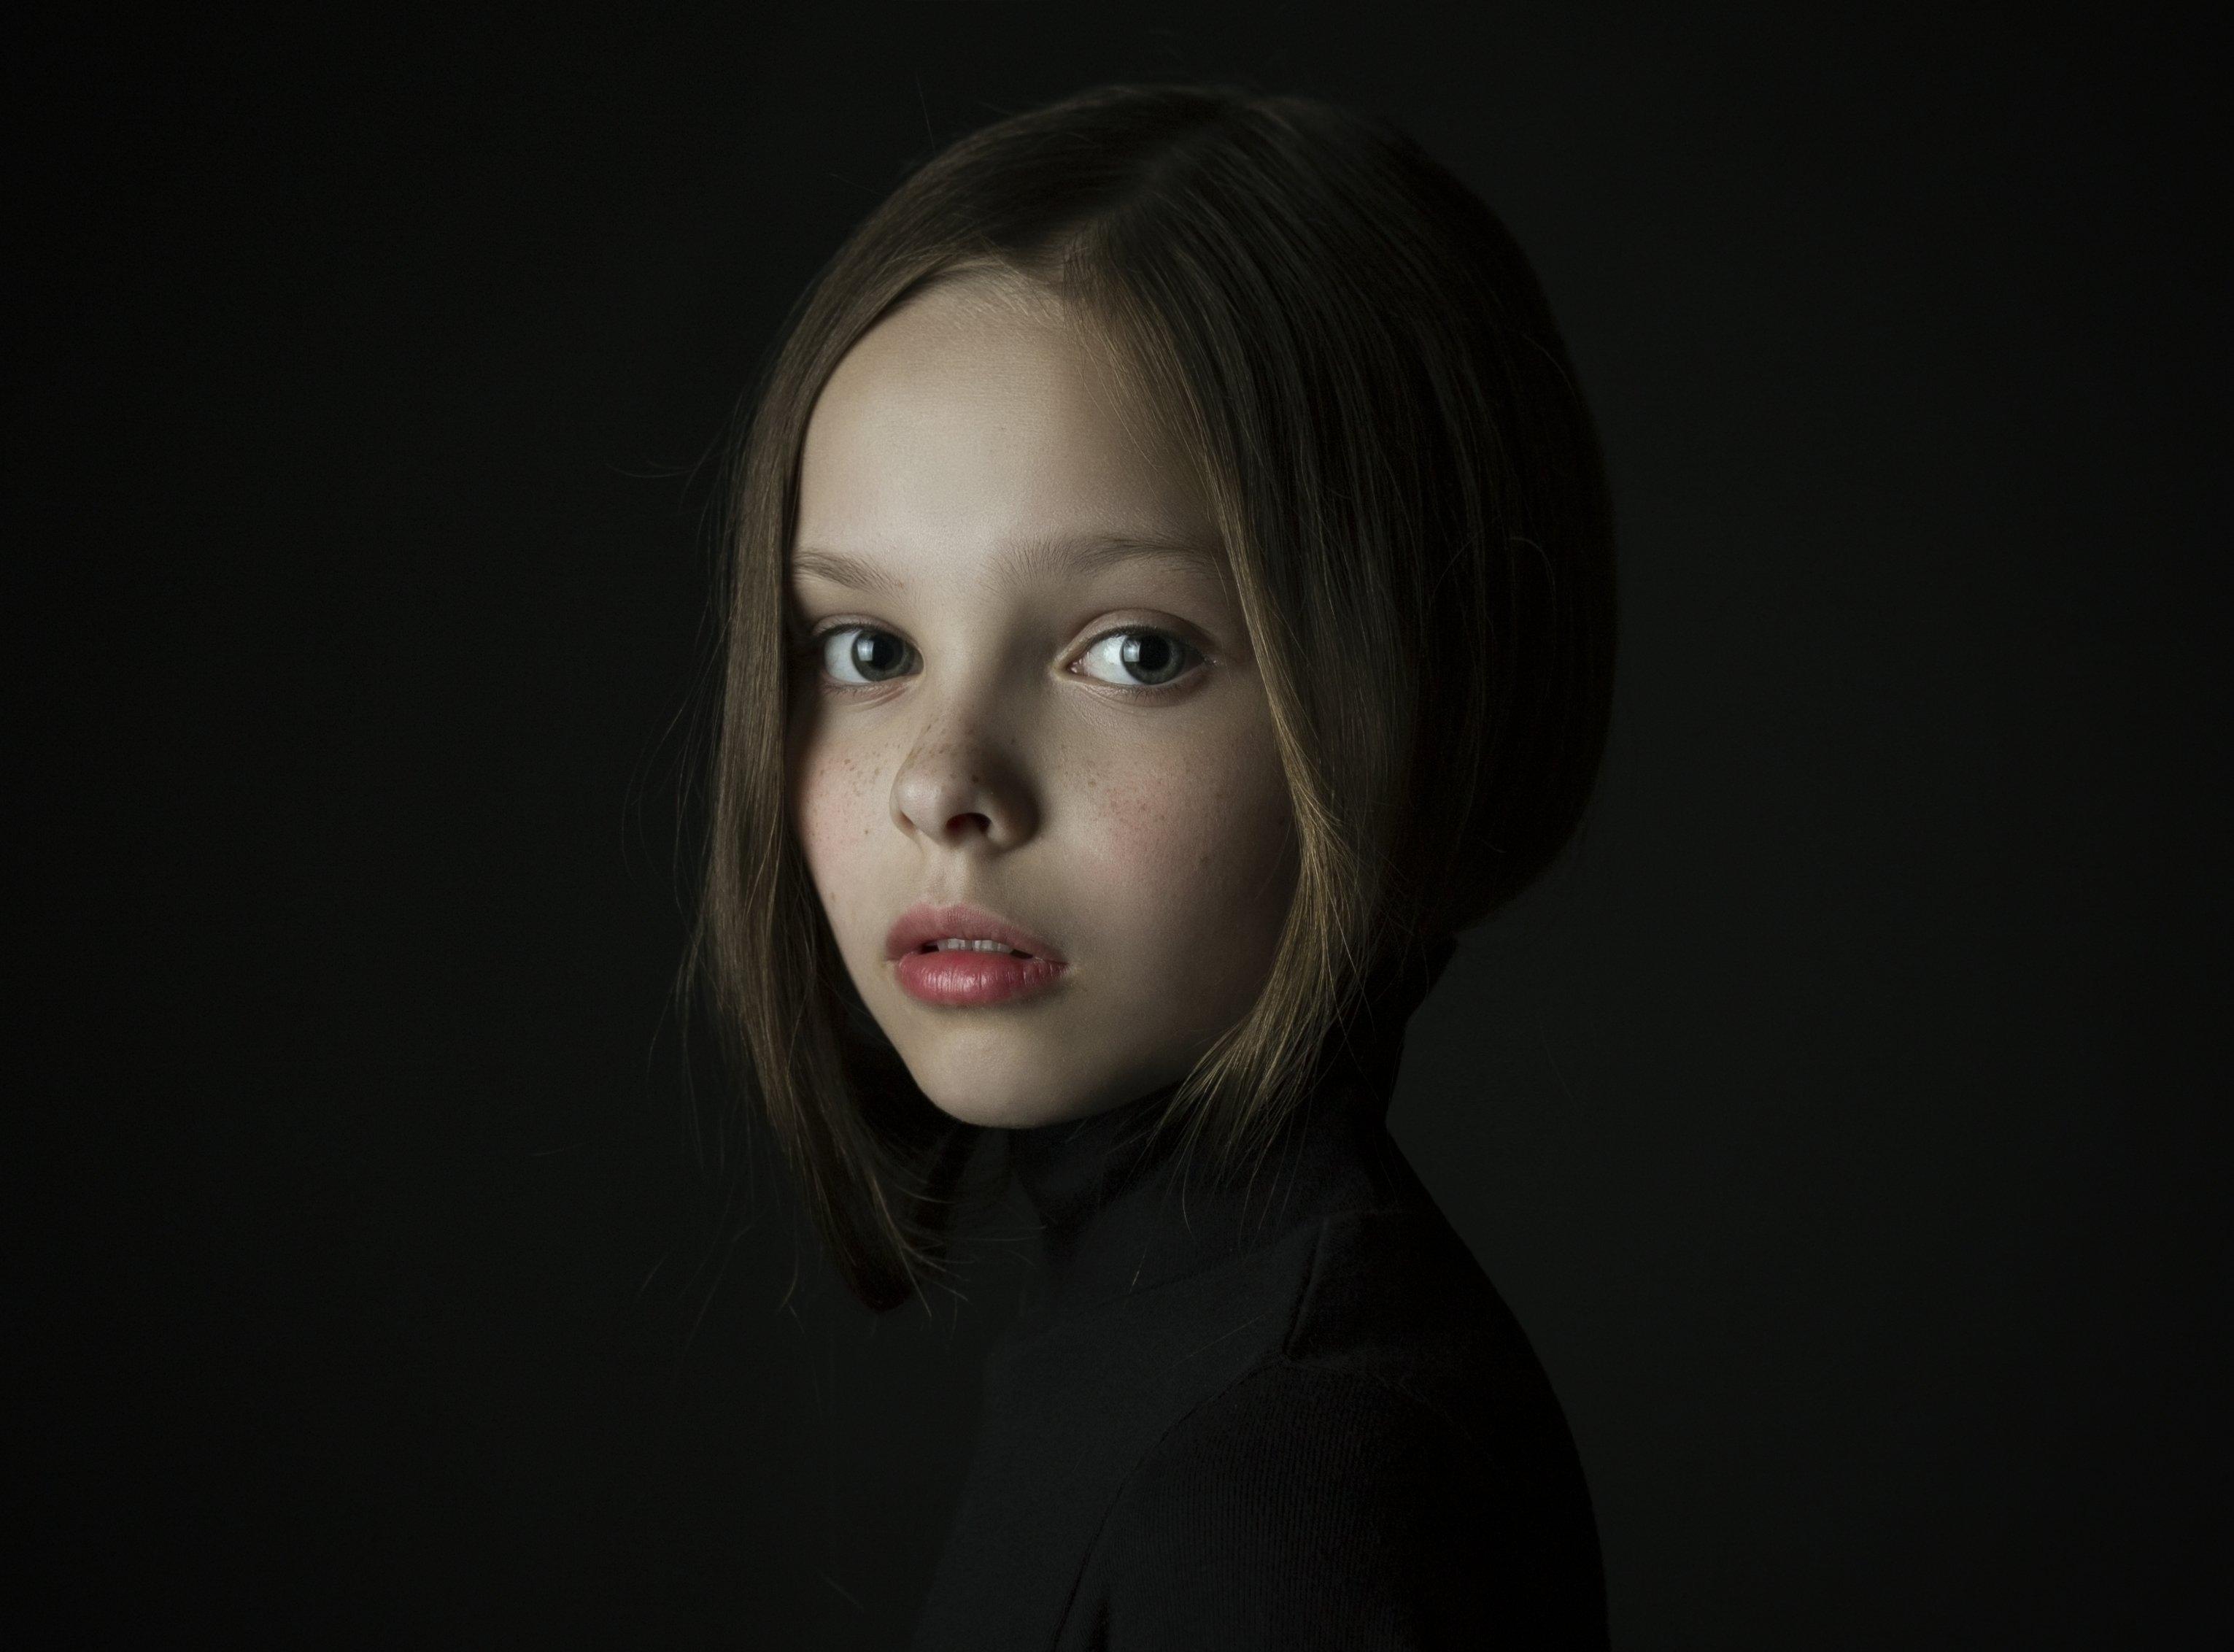 портрет, девочка, Давыденко Мария